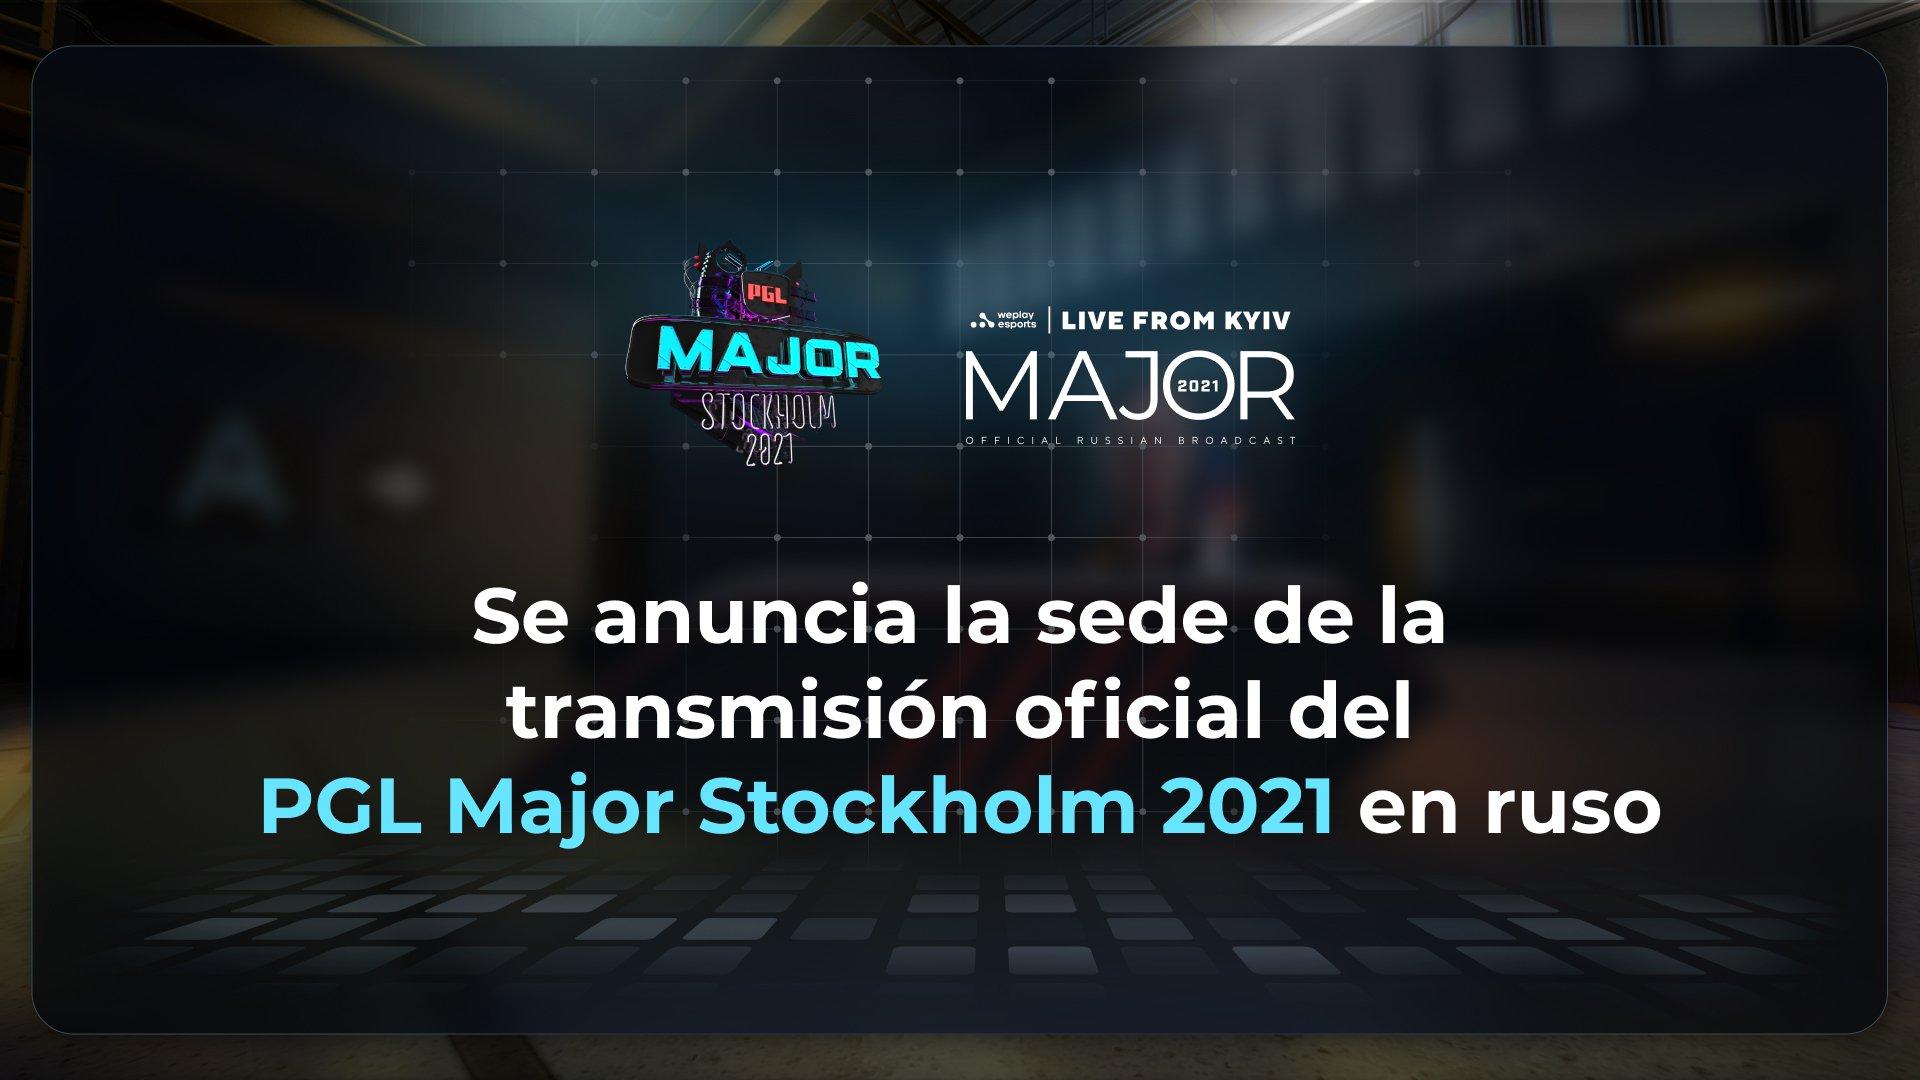 Se anuncia la sede de la transmisión oficial del torneo PGL Major Stockholm 2021 en ruso. Imagen: WePlay Holding